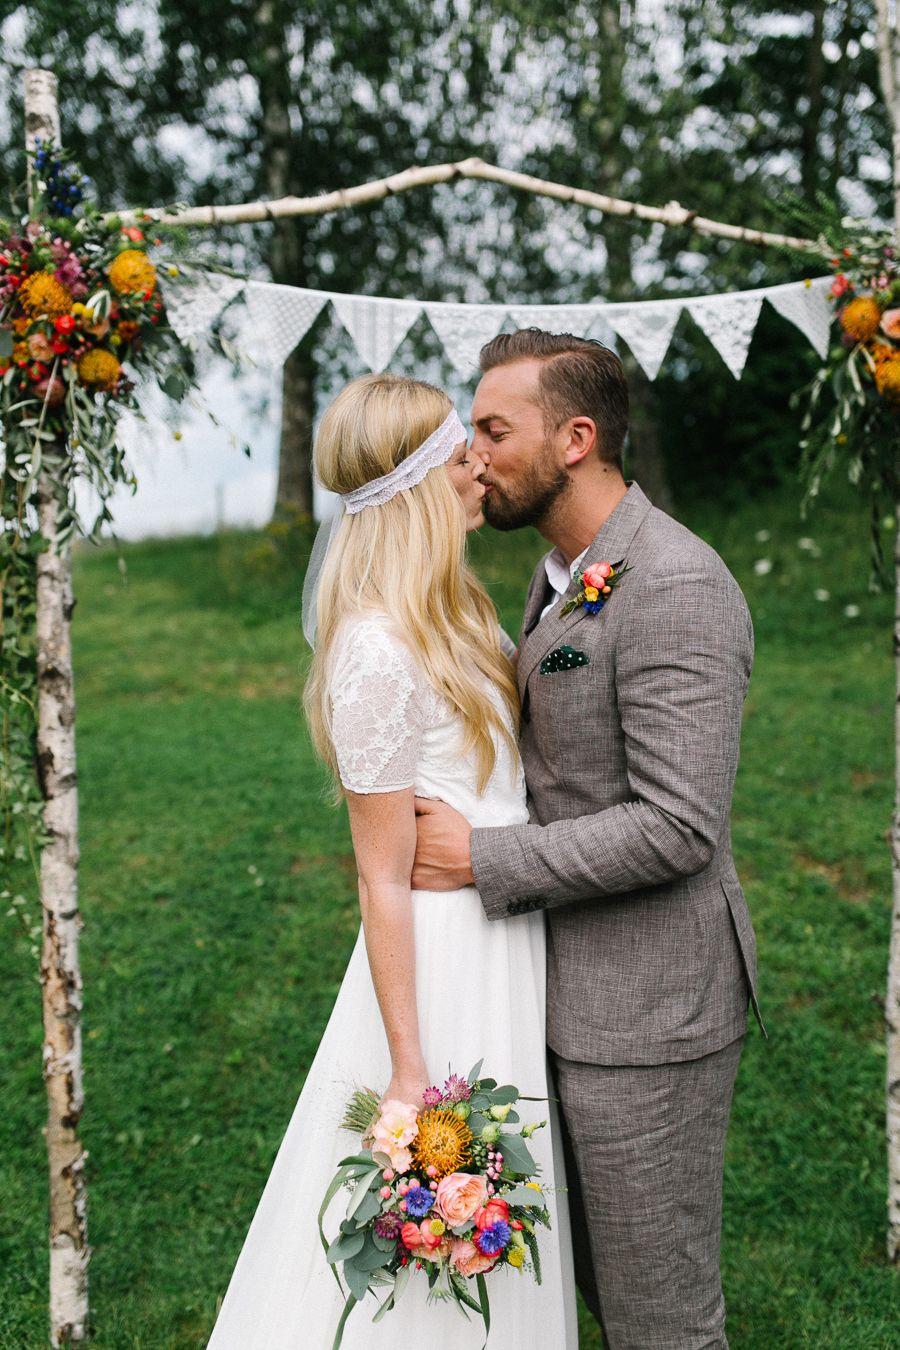 Sommerliche Boho Hochzeit | Boho Hochzeit, Vintage